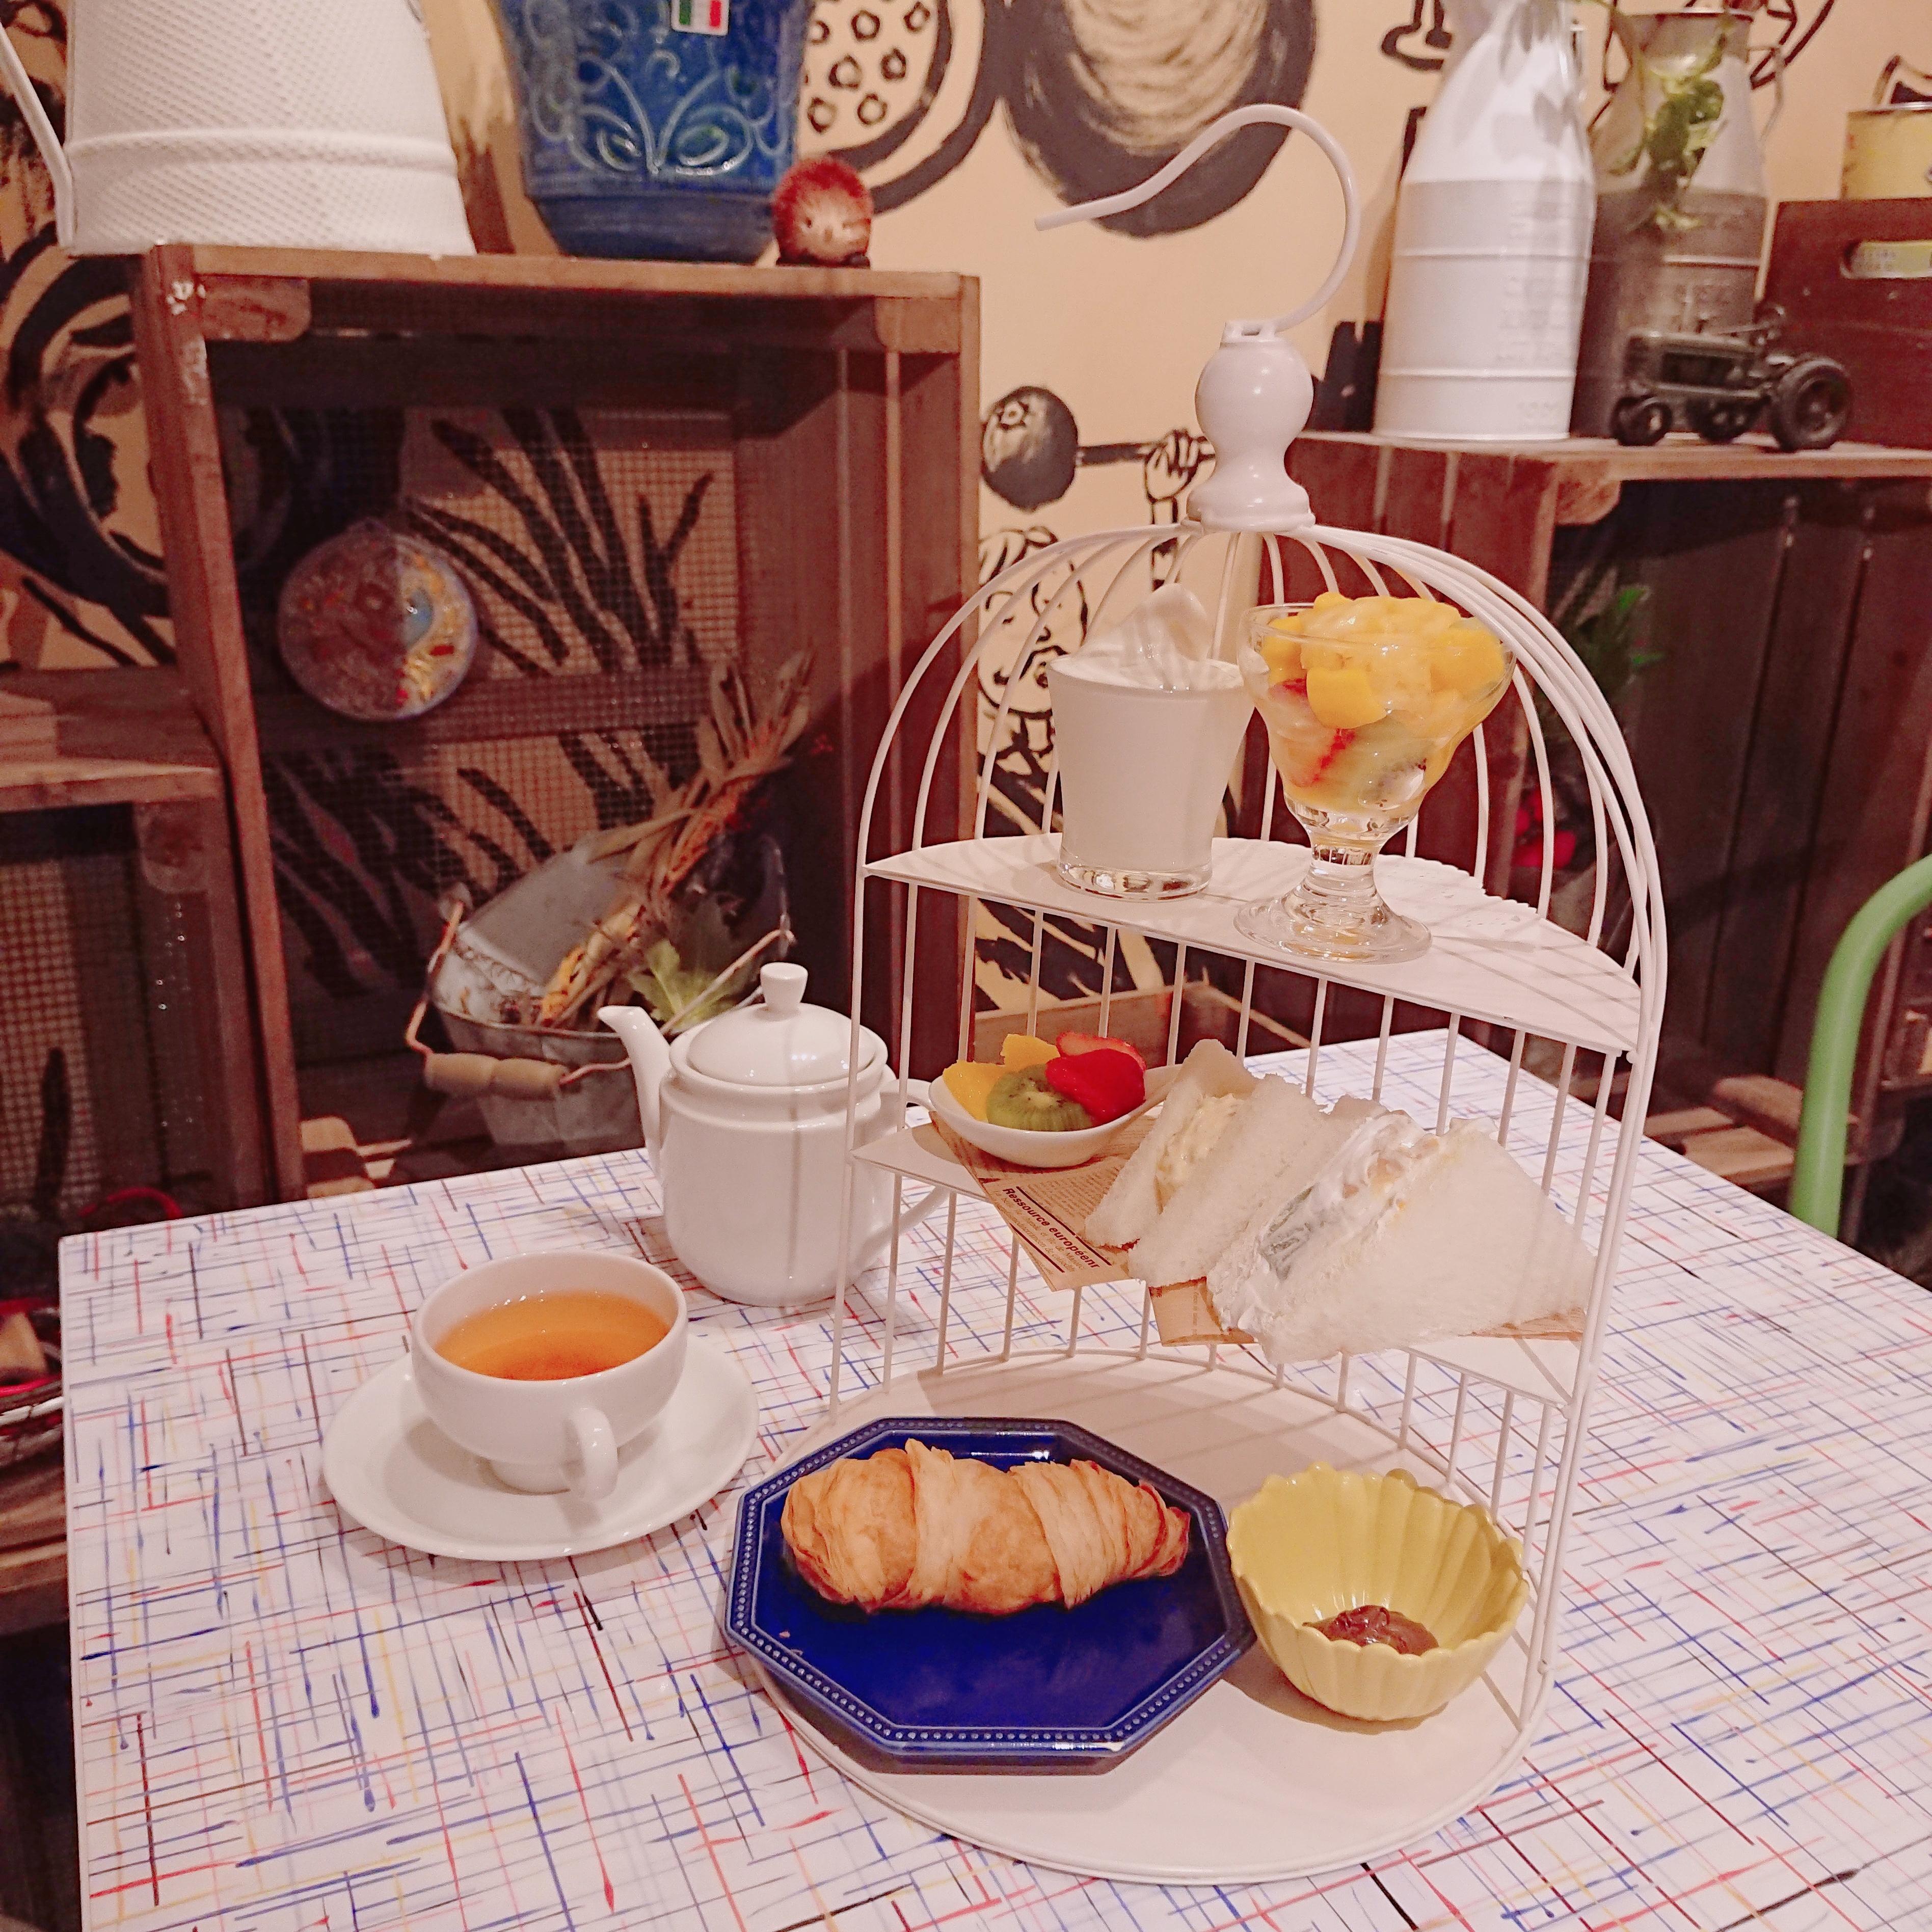 【梅田】1,080円で楽しめるフルーツアフタヌーンティー♪